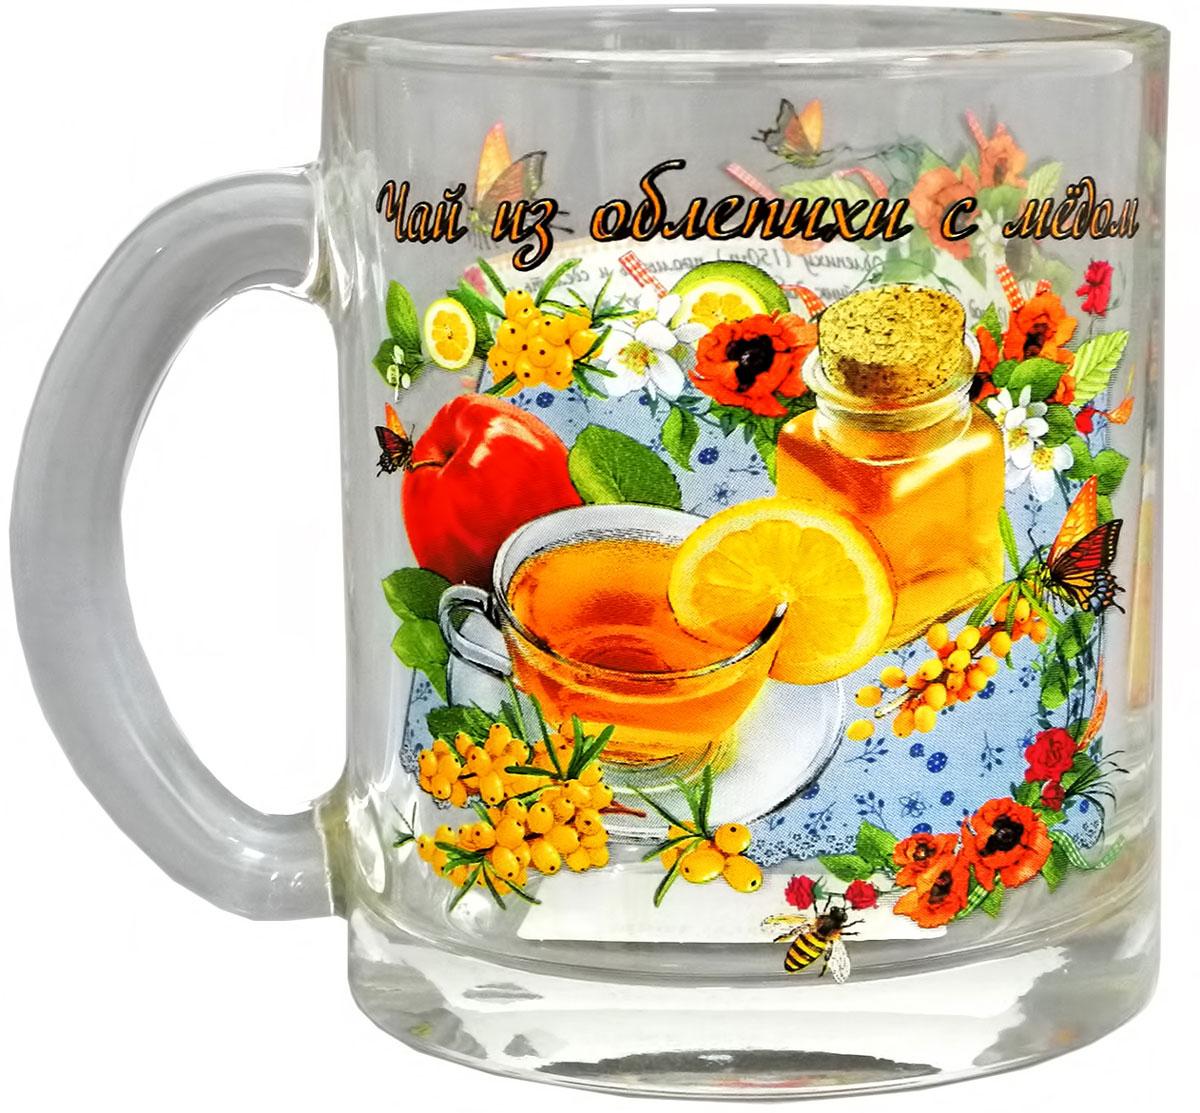 Кружка чайная Квестор Чай из облепихи с медом, 320 мл115510Кружка чайная Квестор Чай из облепихи с медом, 320 мл